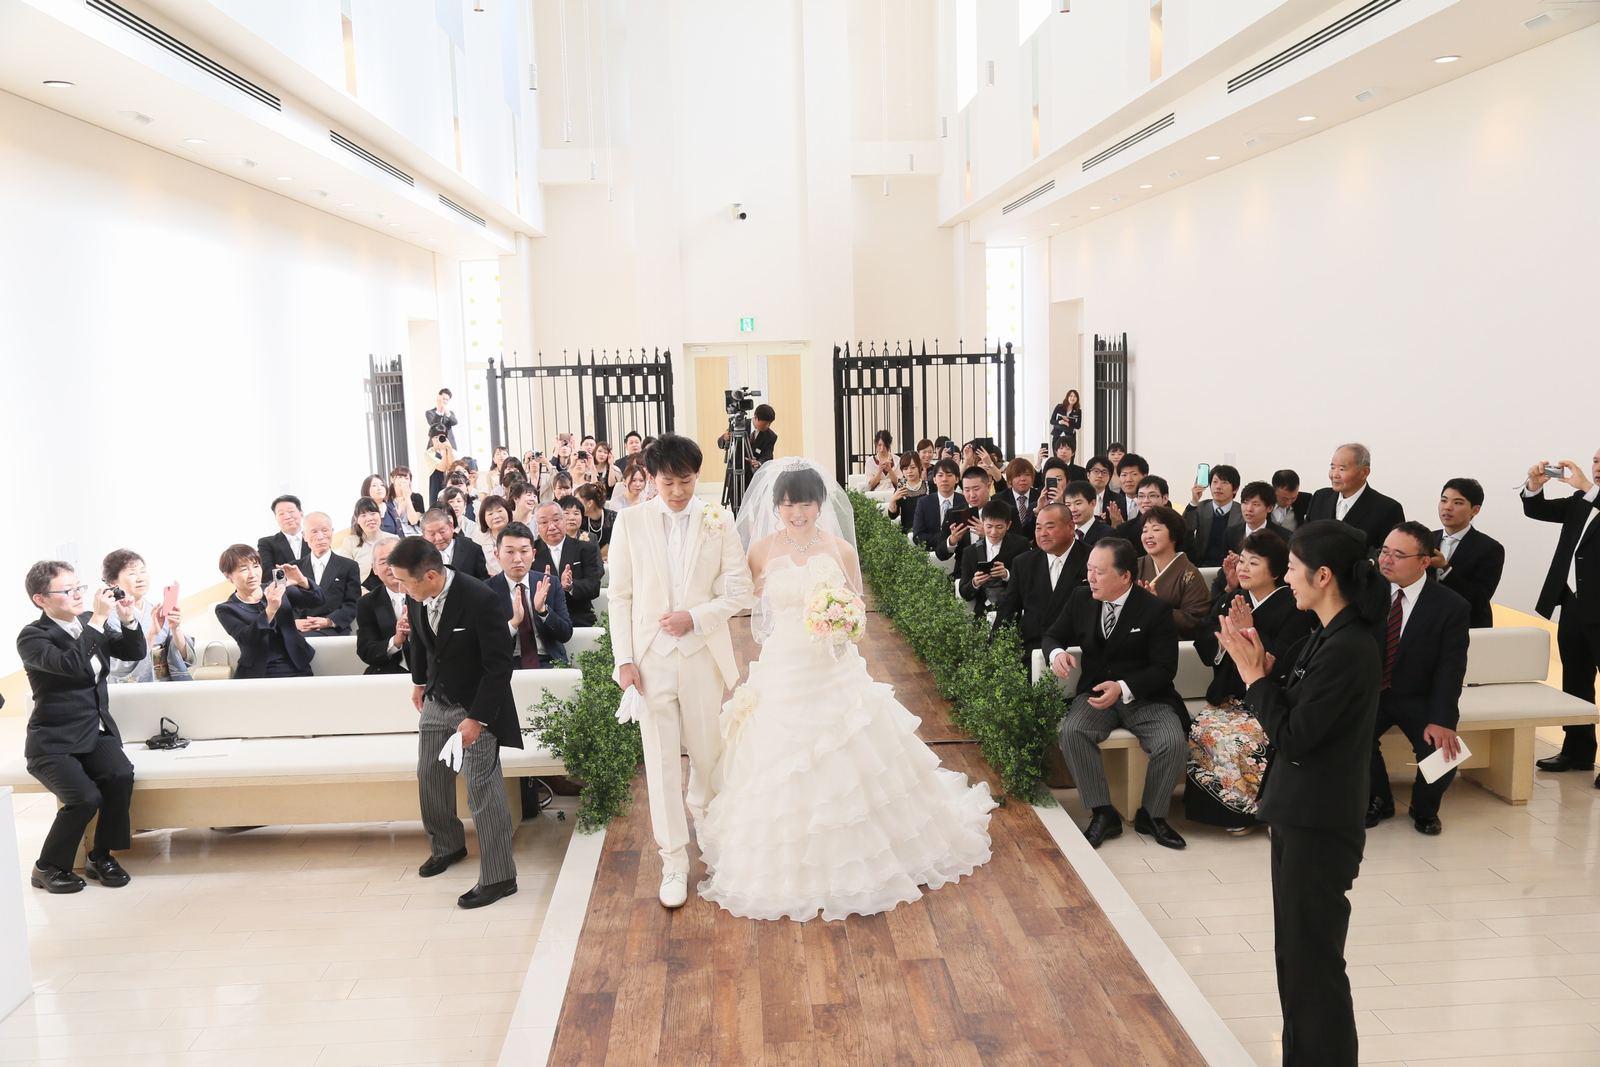 徳島市の結婚式場ブランアンジュで木目のバージンロードでの感動チャペル結婚式